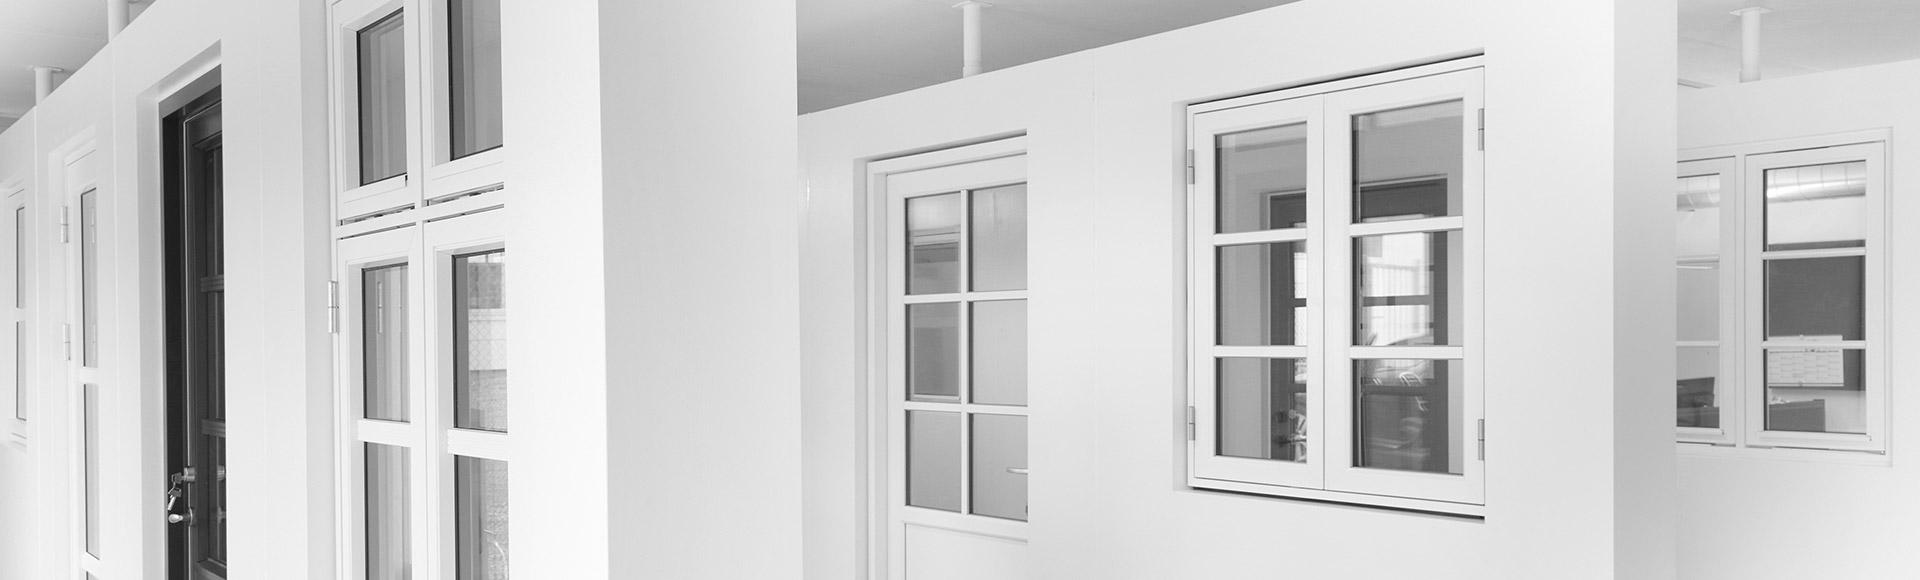 Full Size of Fenster Nach Ma Kaufen 30 Webrabatt Sparfenster Bauhaus Standardmaße Bett 140x200 Günstig Küche Billig Mit Elektrogeräten Rollo Günstige Regale Fenster Fenster Günstig Kaufen